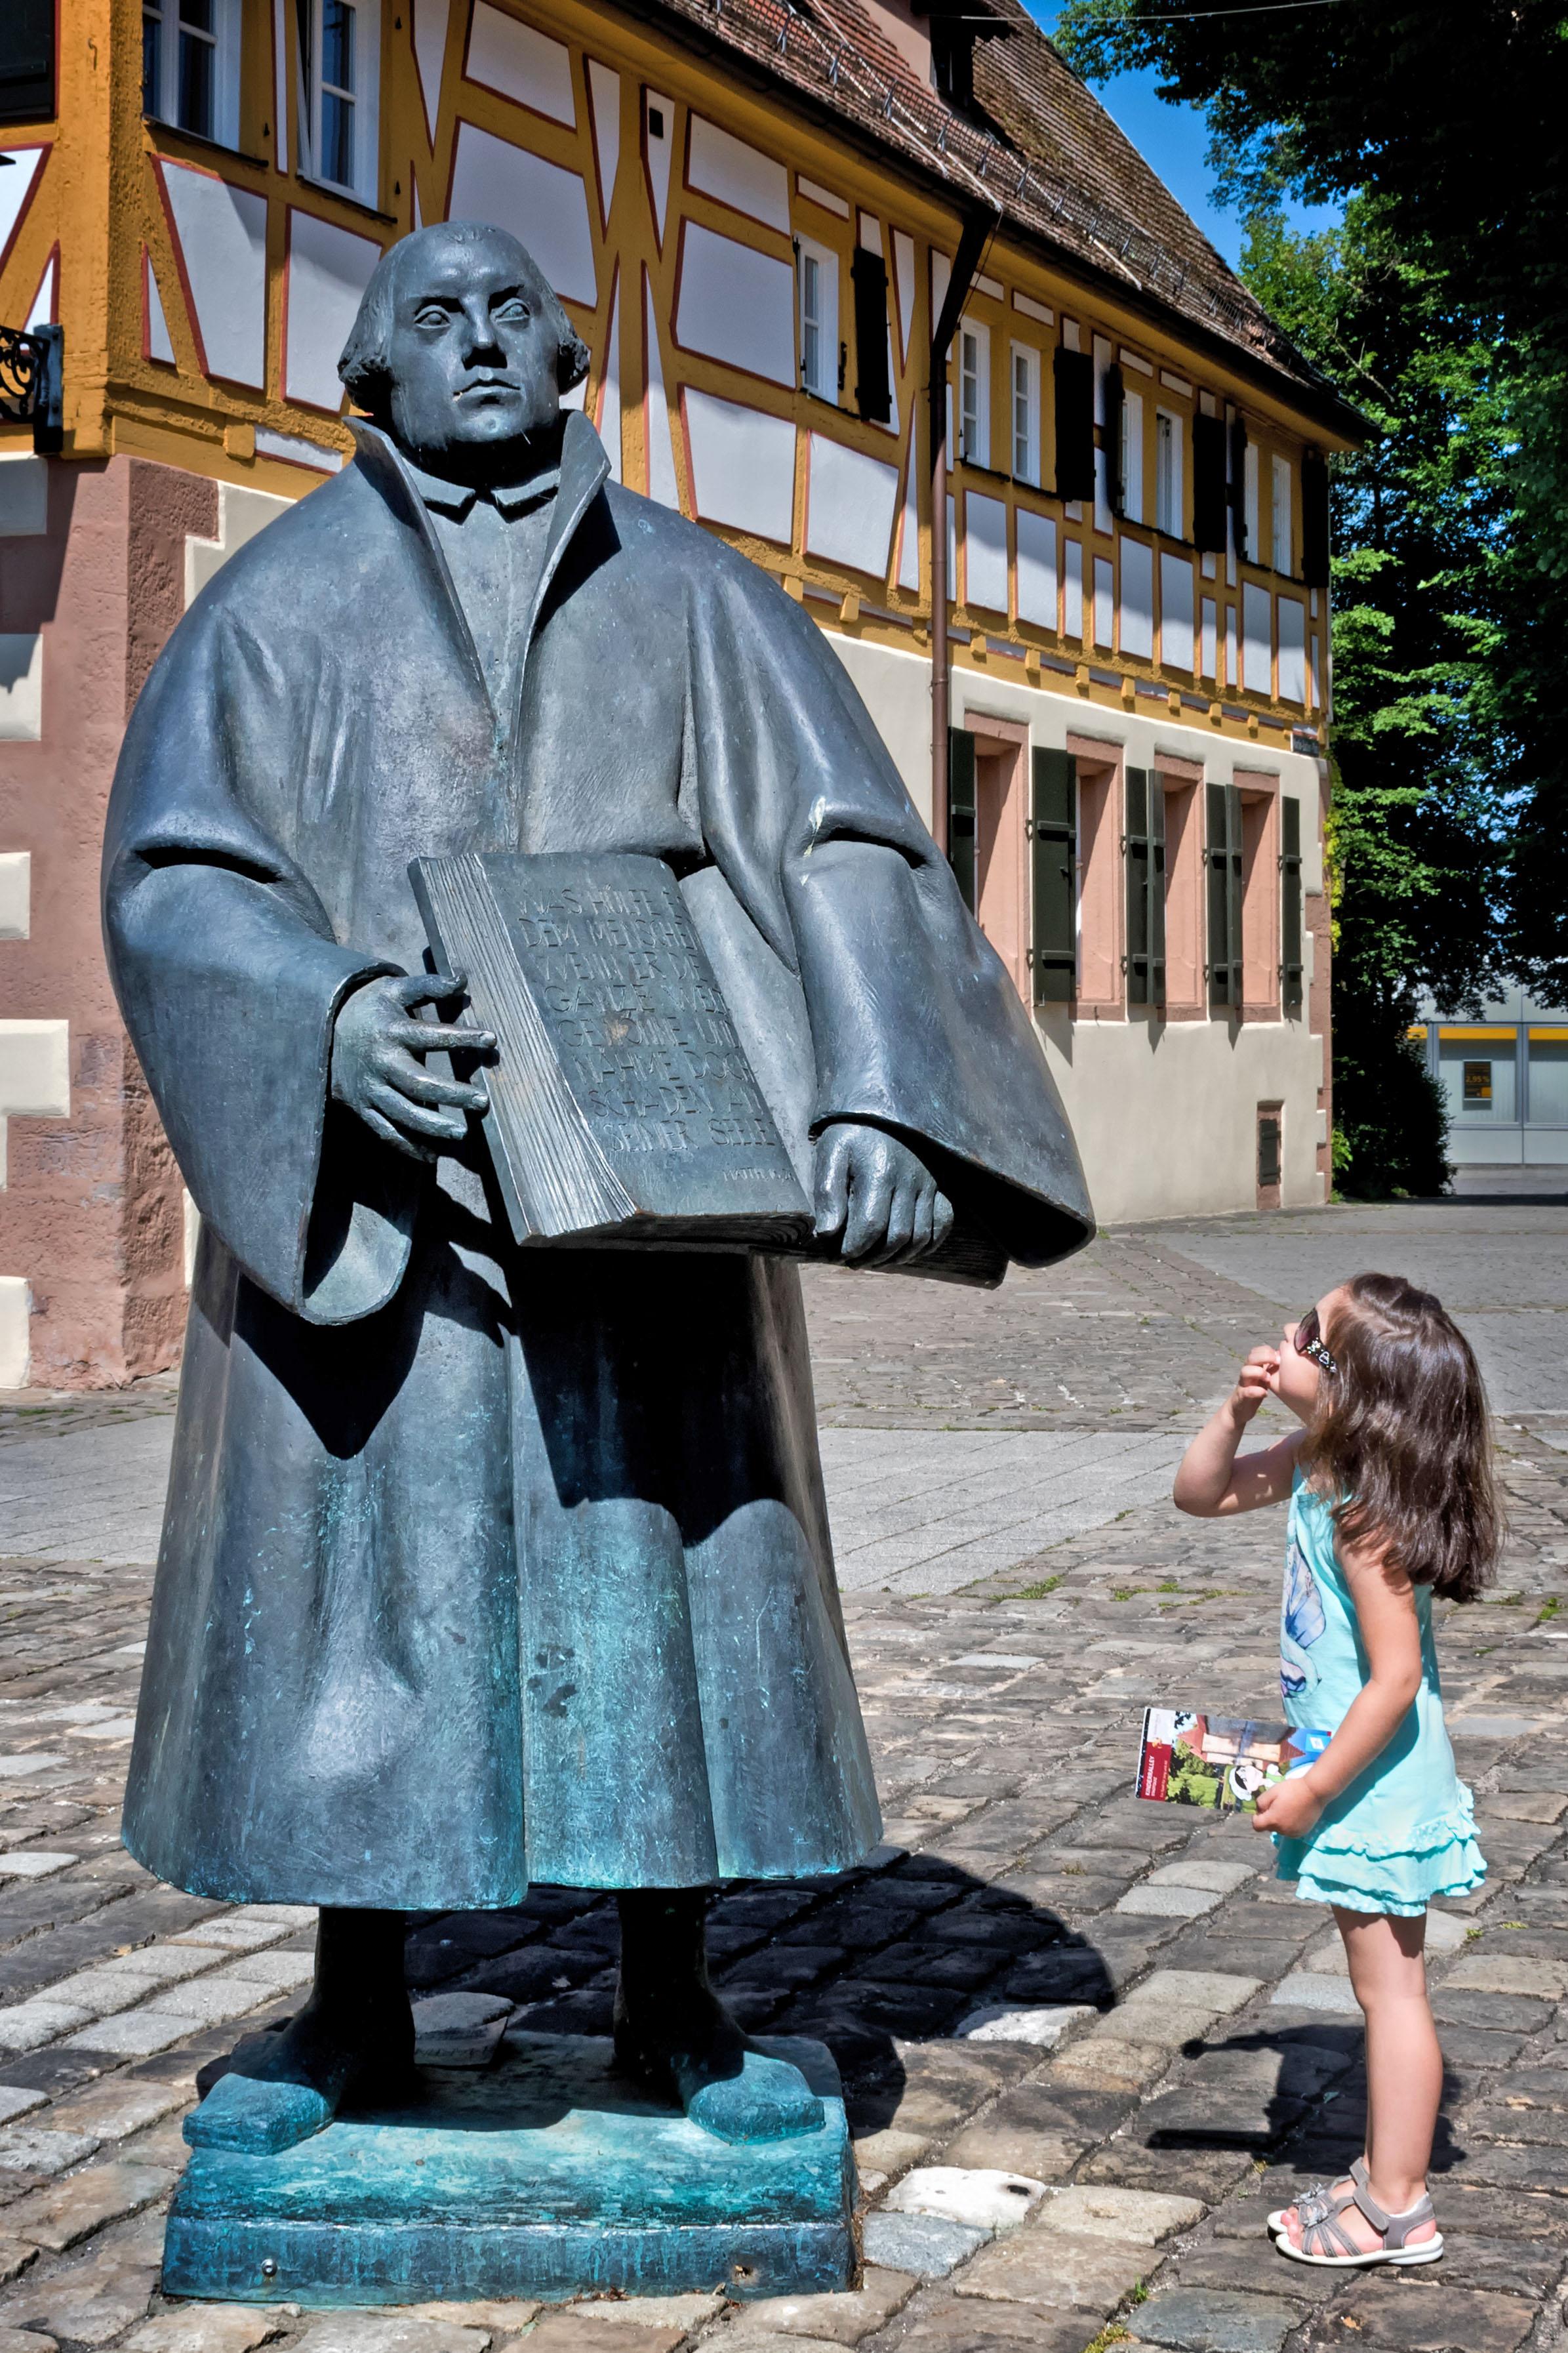 Wen stellt die Statue vor der St. Andreaskirche dar? Das ist eine Frage, die es auf der Kinderrallye durch die Altstadt zu beantworten gilt.